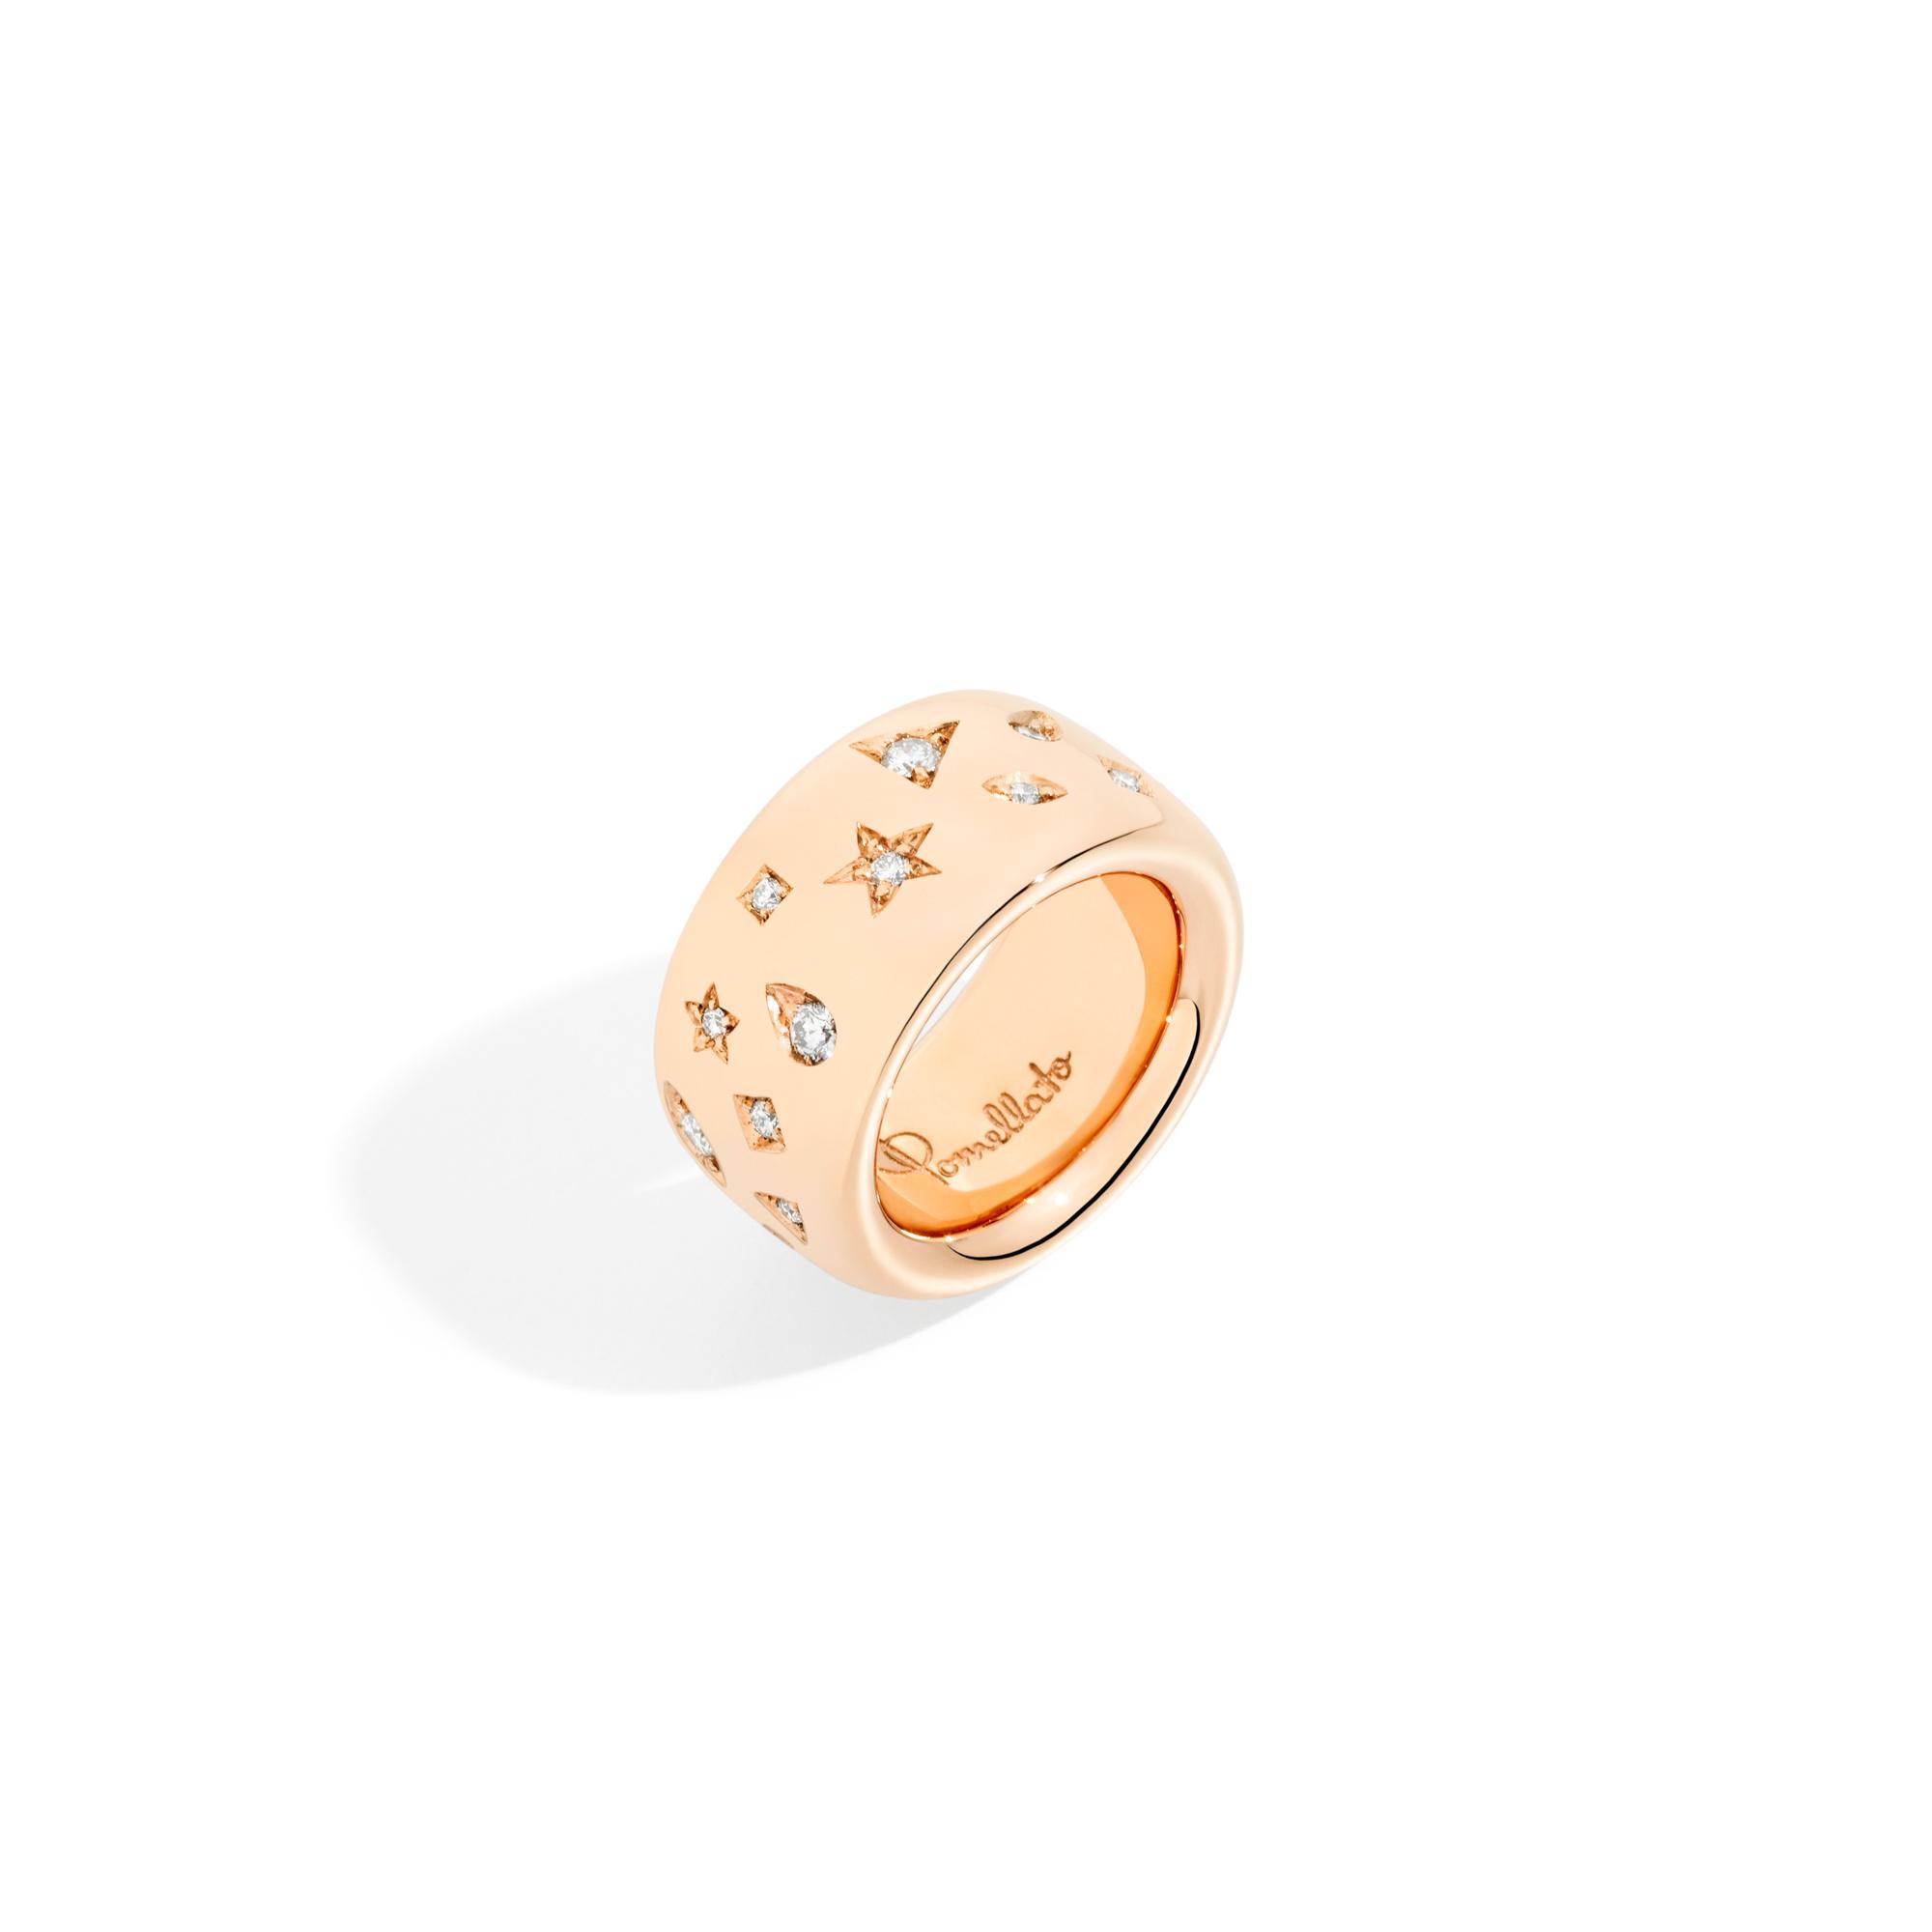 Pomellato Pomellato Iconica Maxi Ring Large met diamanten